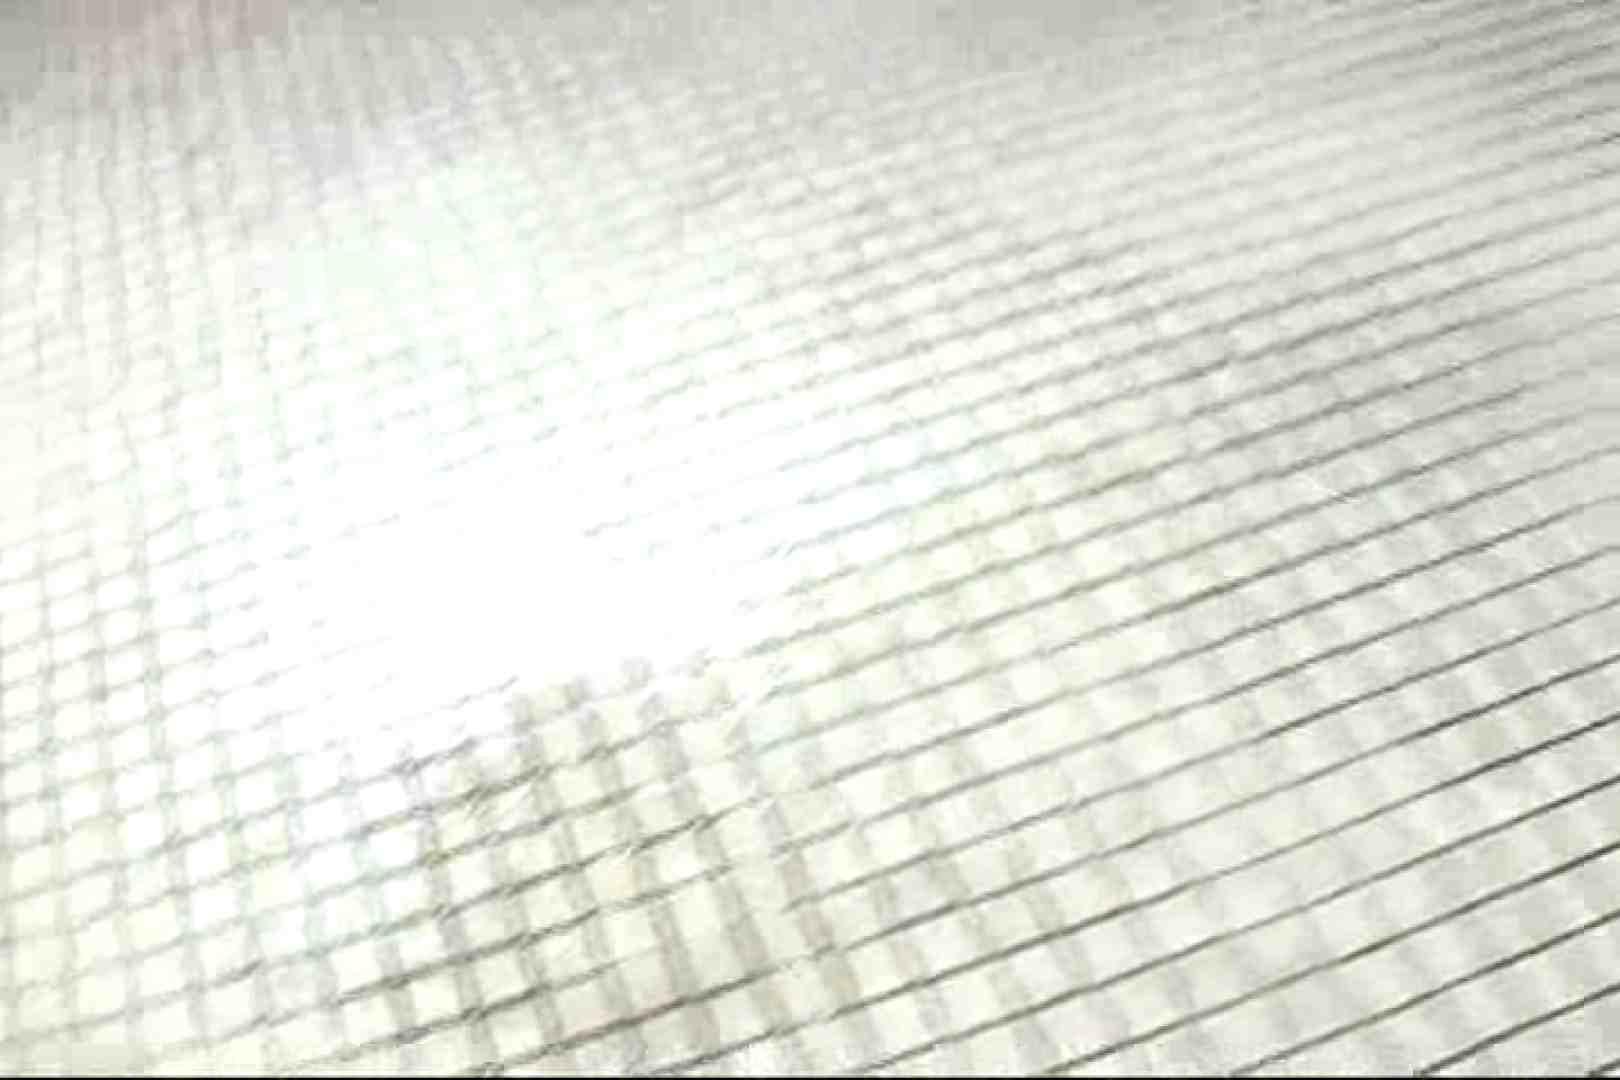 雑居ビル洗面所只今使用禁止中!Vol.3 ギャルのエロ動画 エロ無料画像 81画像 39